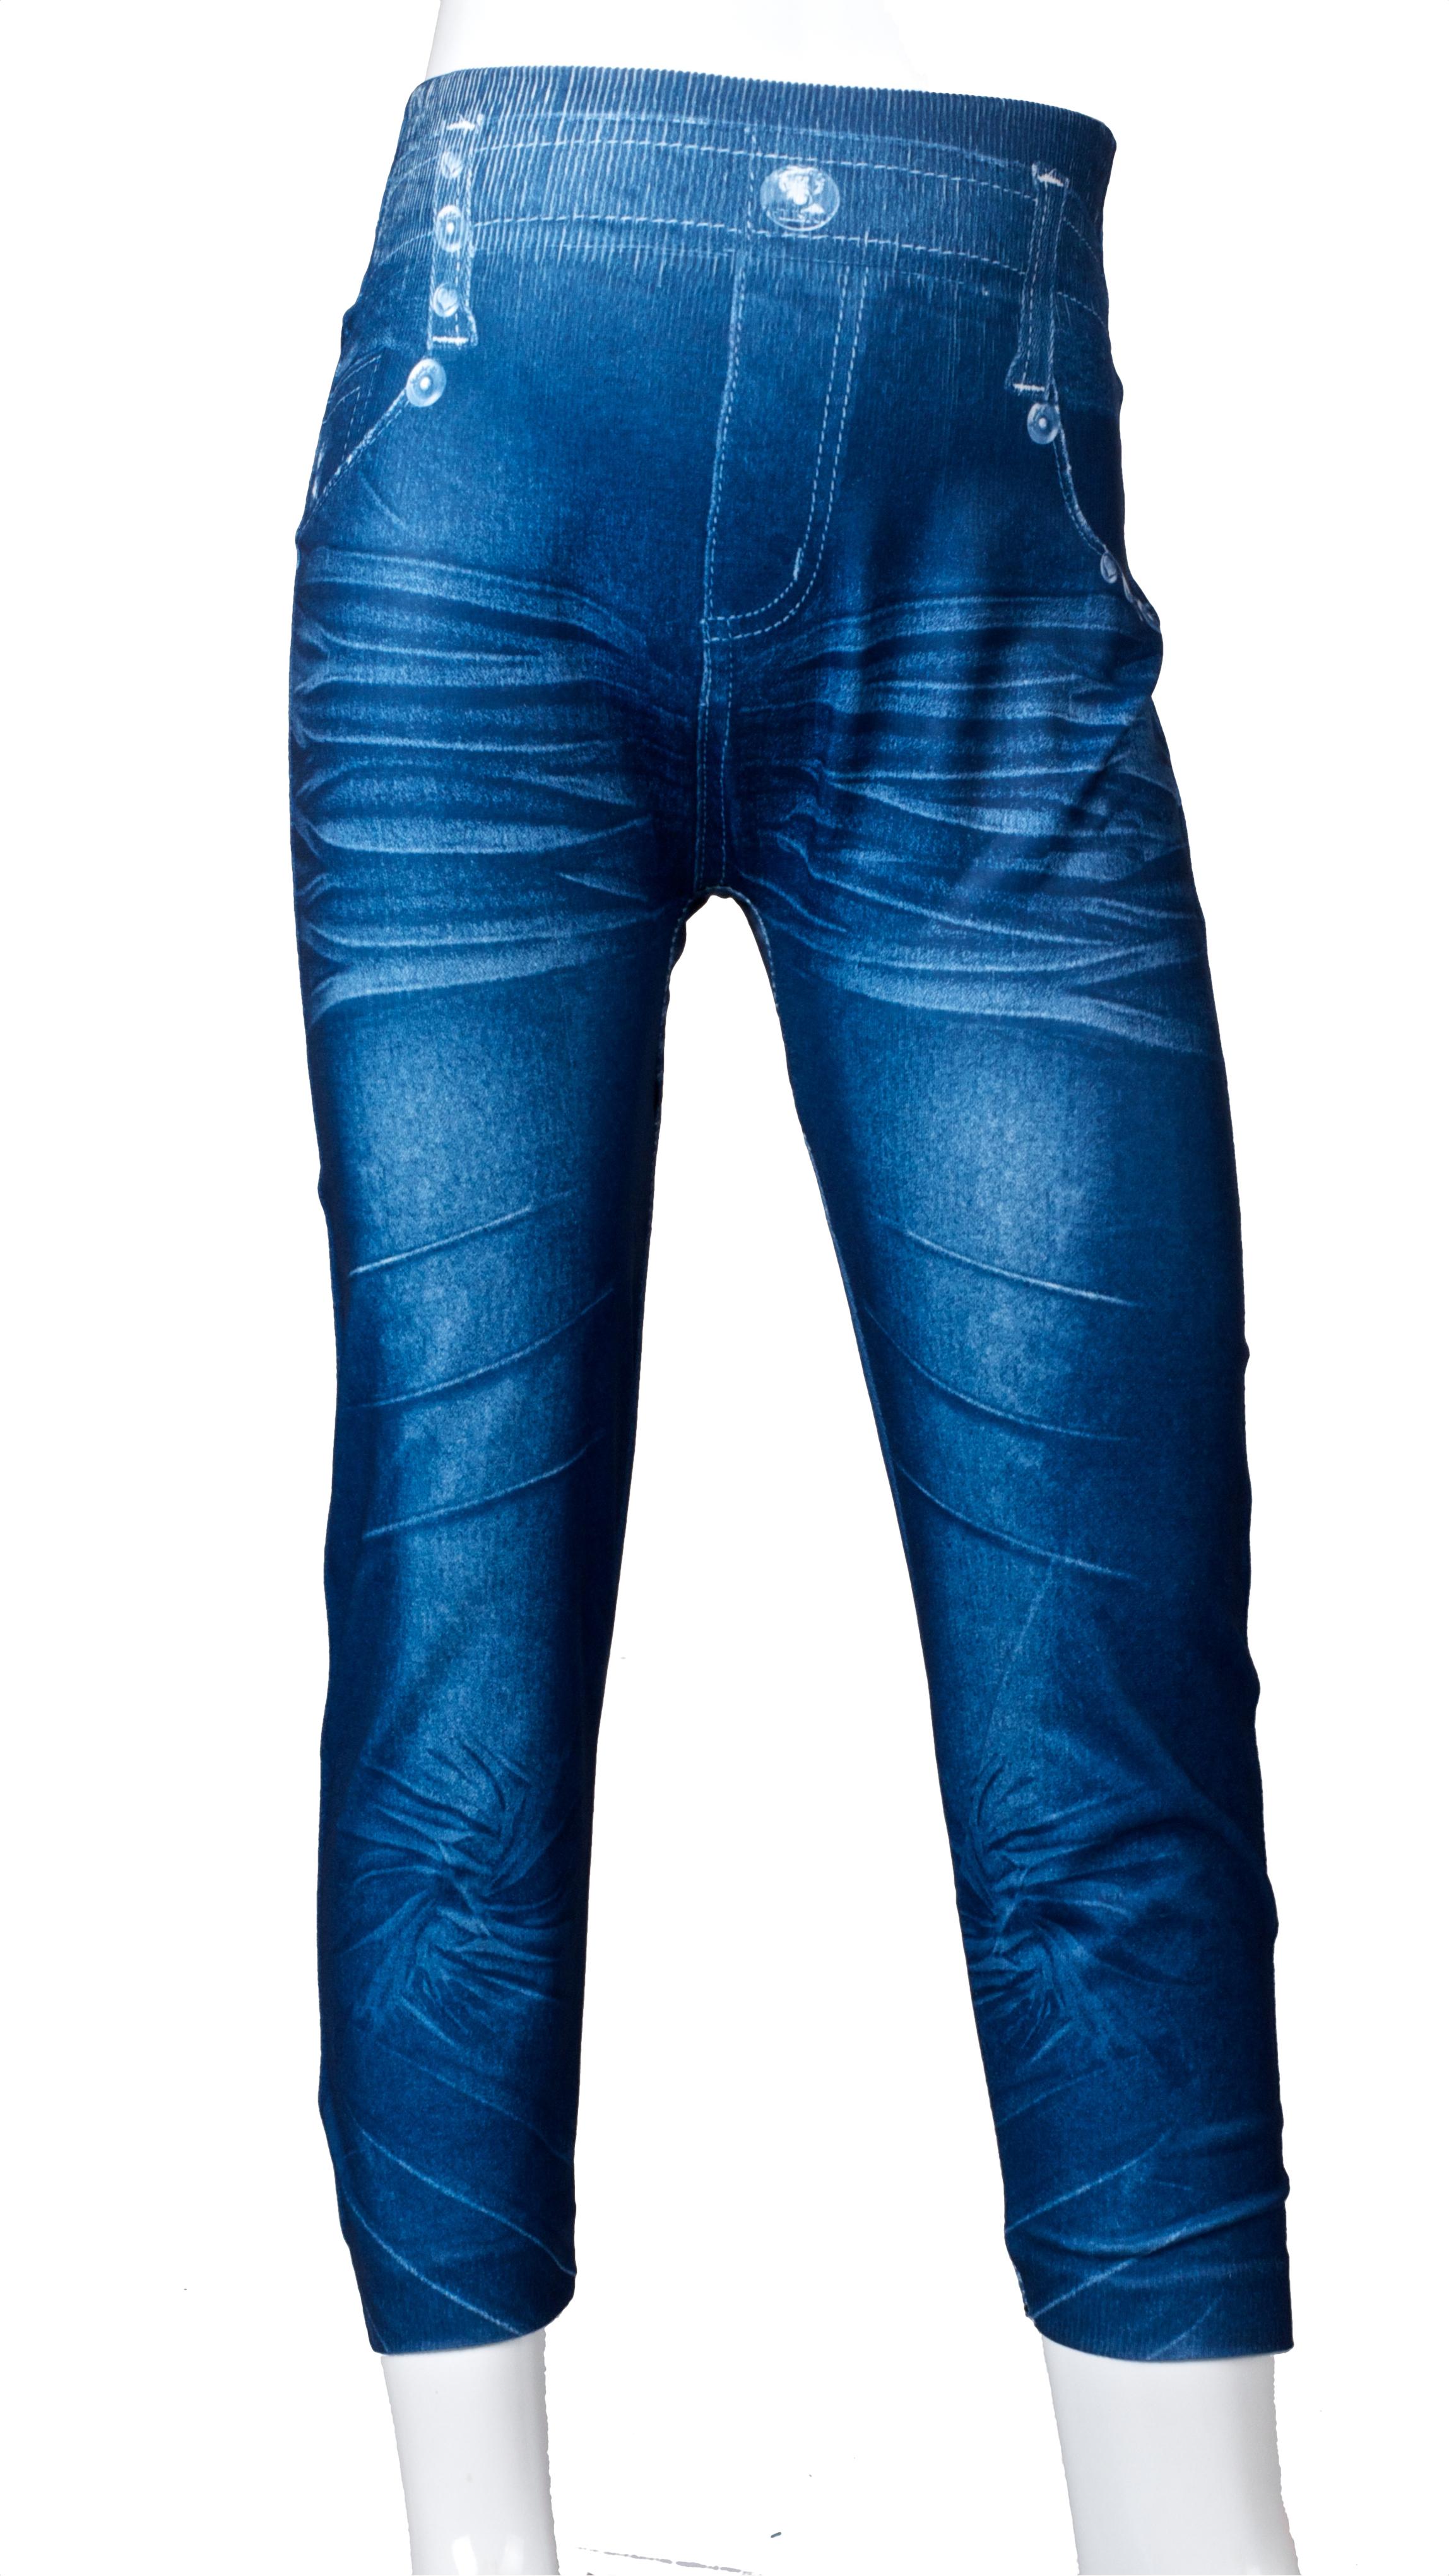 leggings jeans optik kinder m dchen hose jeggings treggings leggins modell 1 4 ebay. Black Bedroom Furniture Sets. Home Design Ideas